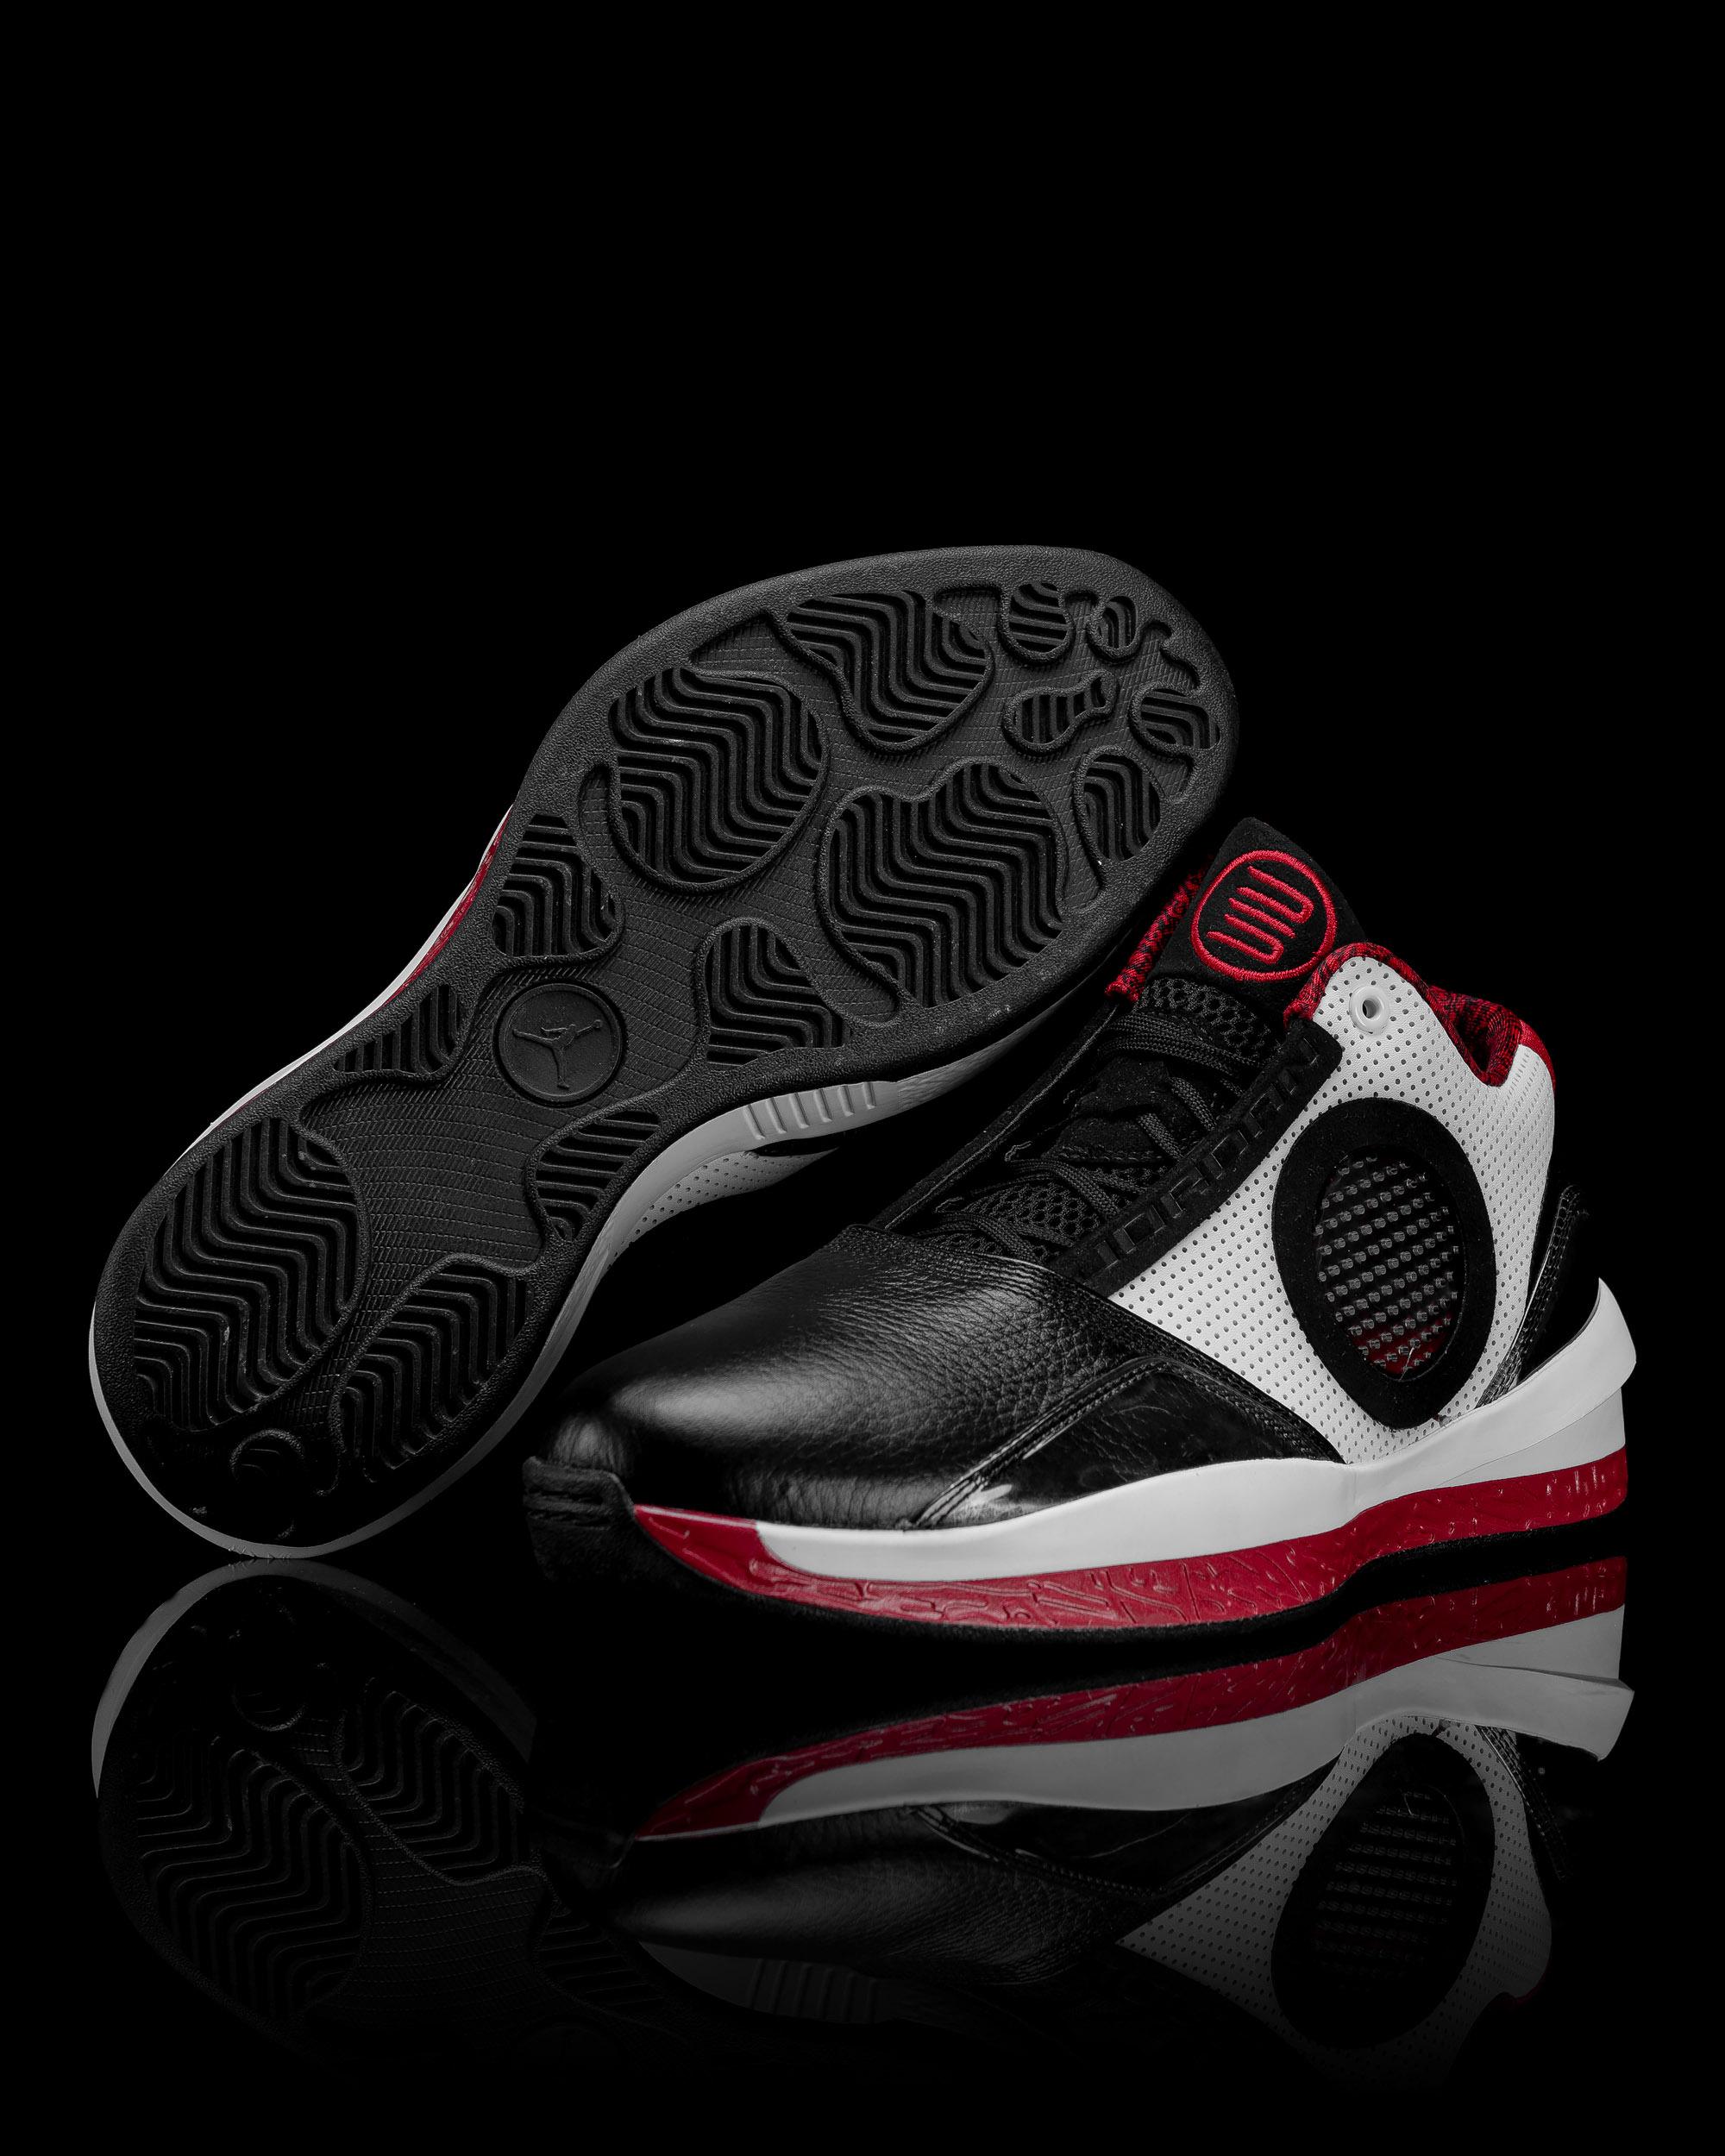 c48d86998f2c65 ... Air Jordan 25 (2010)  Jordan Shoes ...